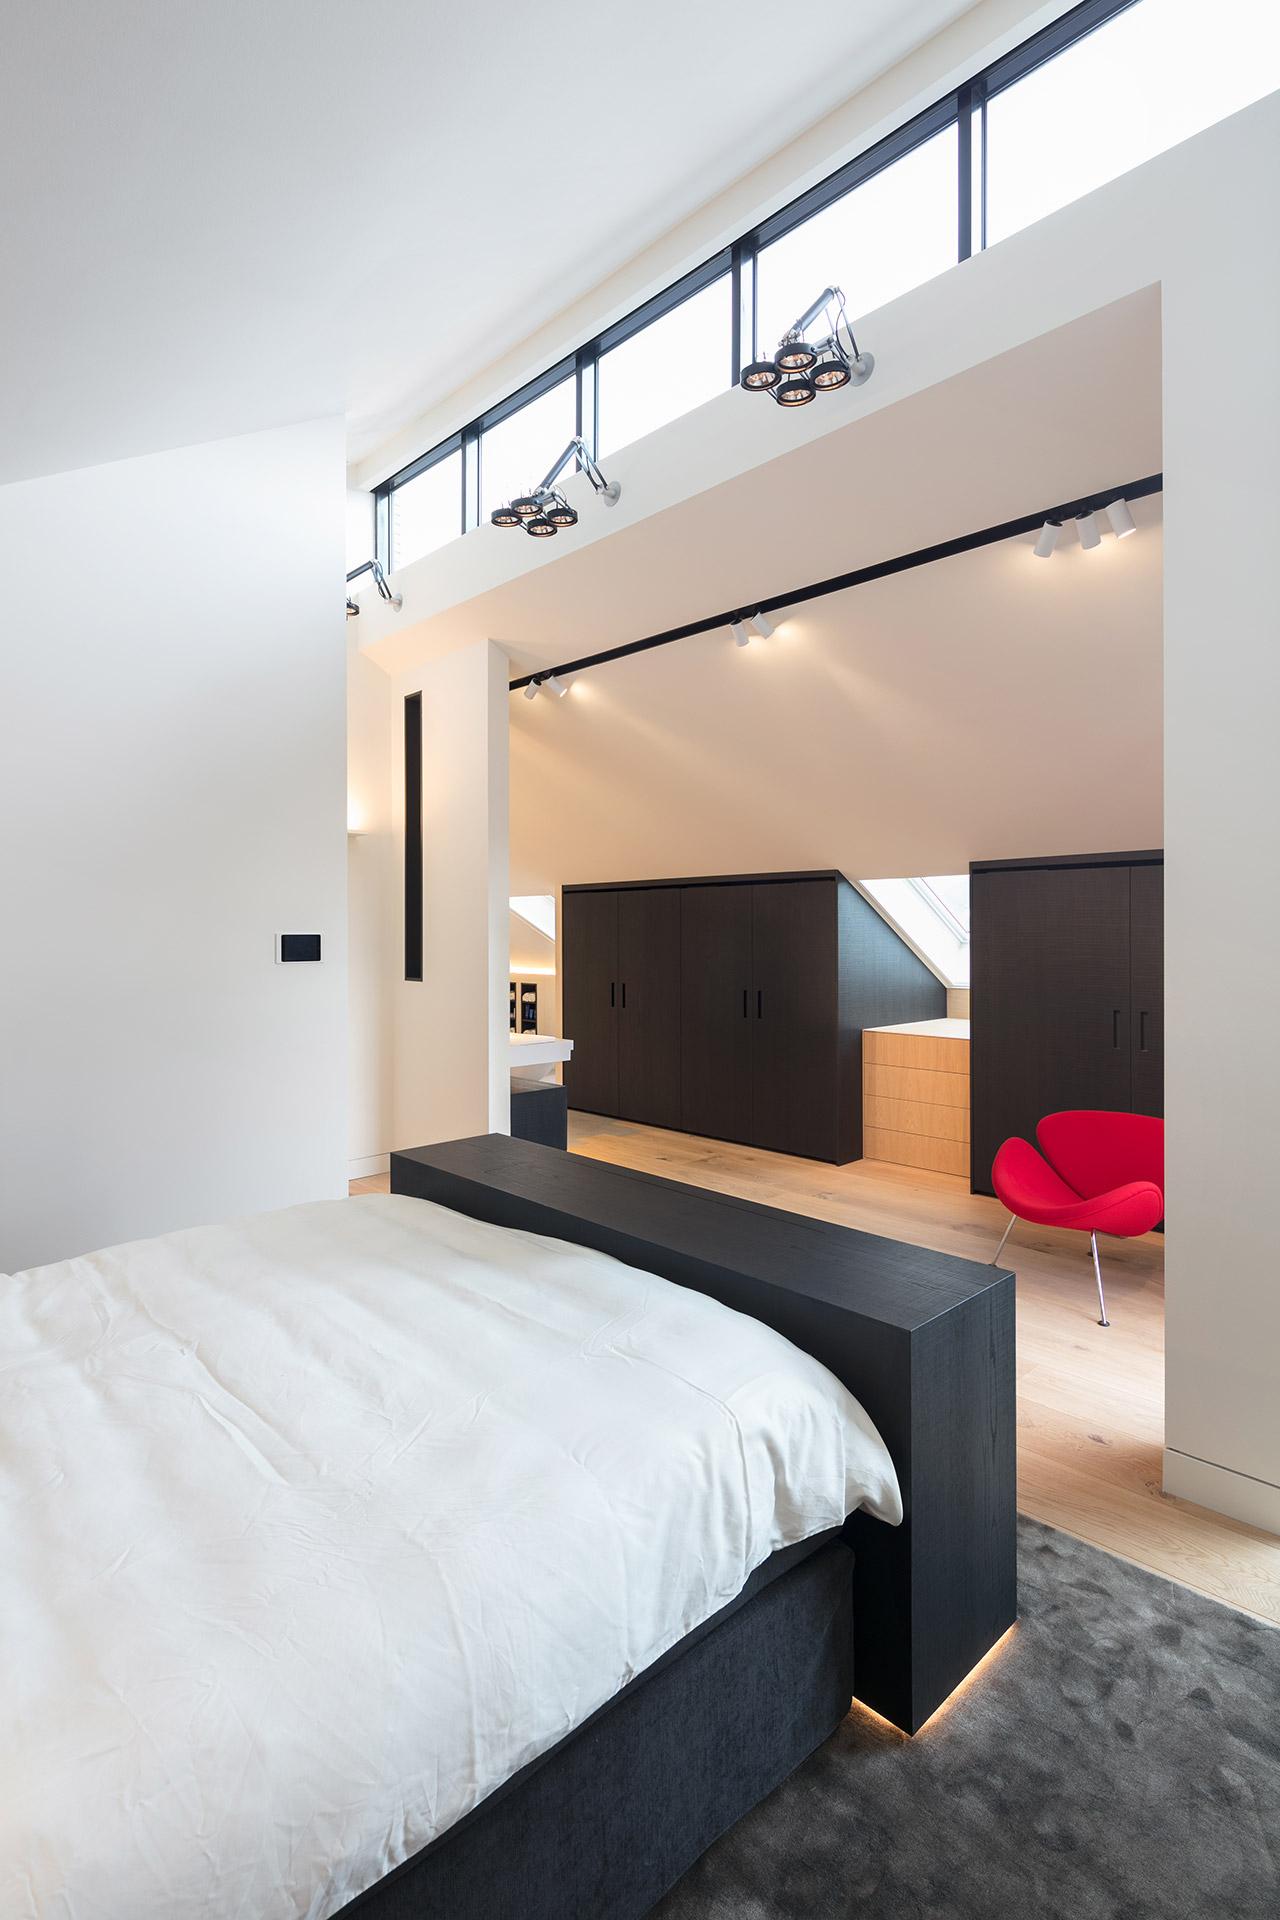 Wonderbaar Slaapkamer met badkamer – klaas ontwerpen EE-24